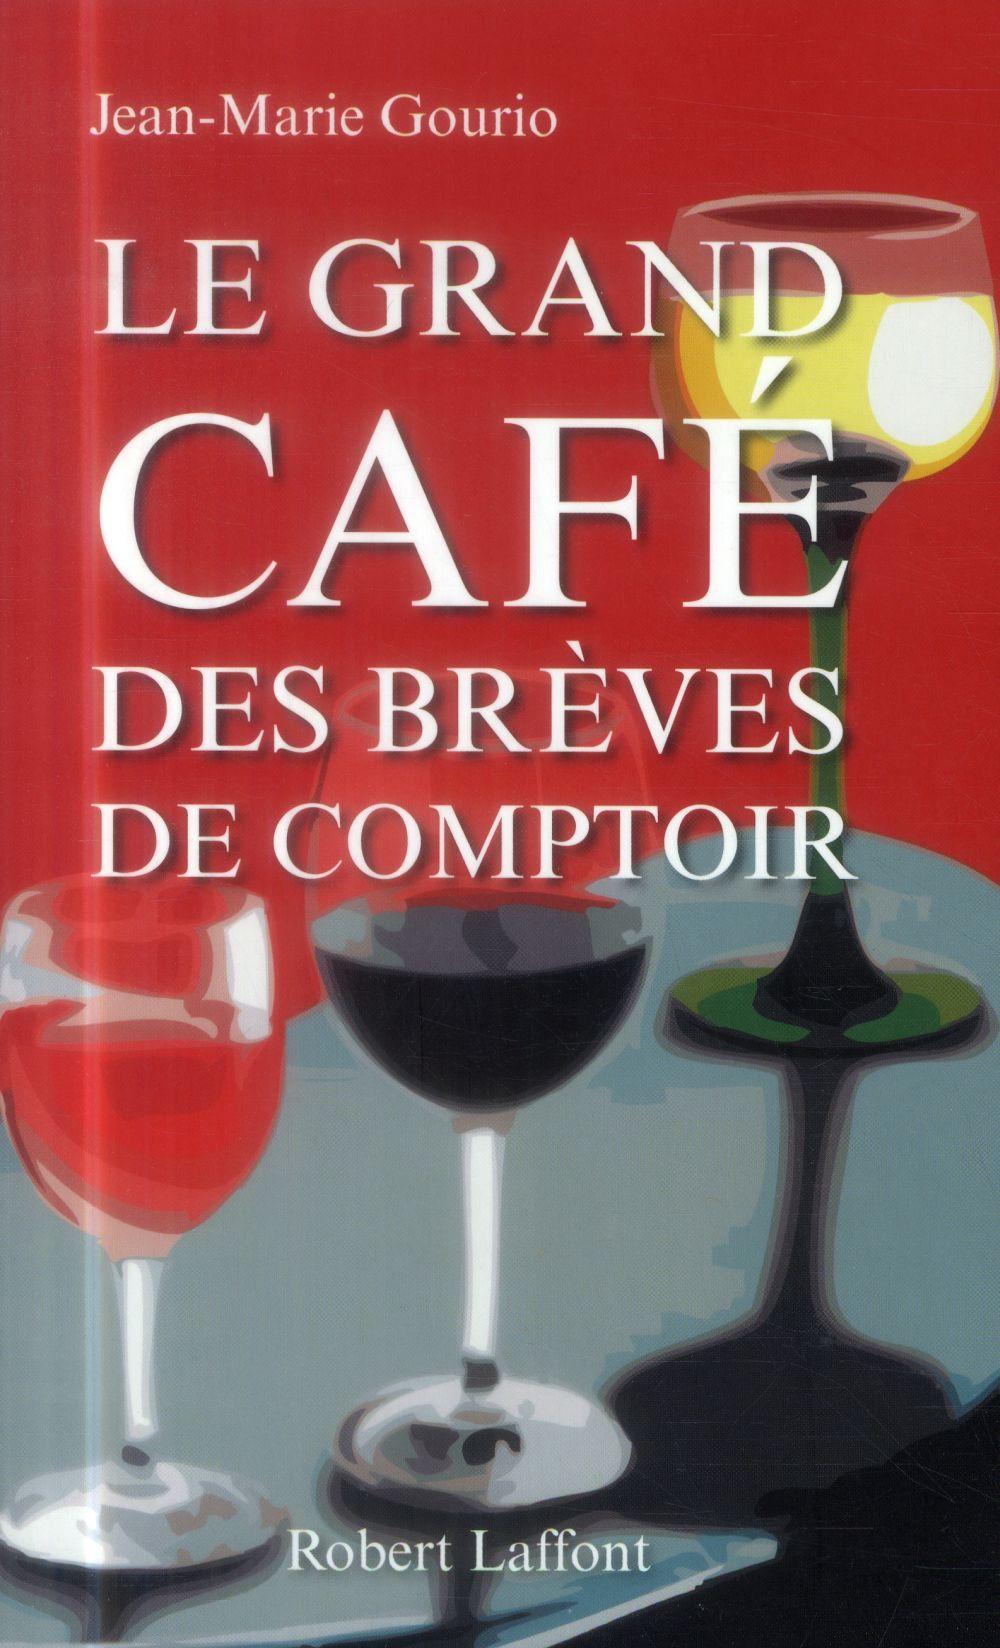 LE GRAND CAFE DES BREVES DE COMPTOIR